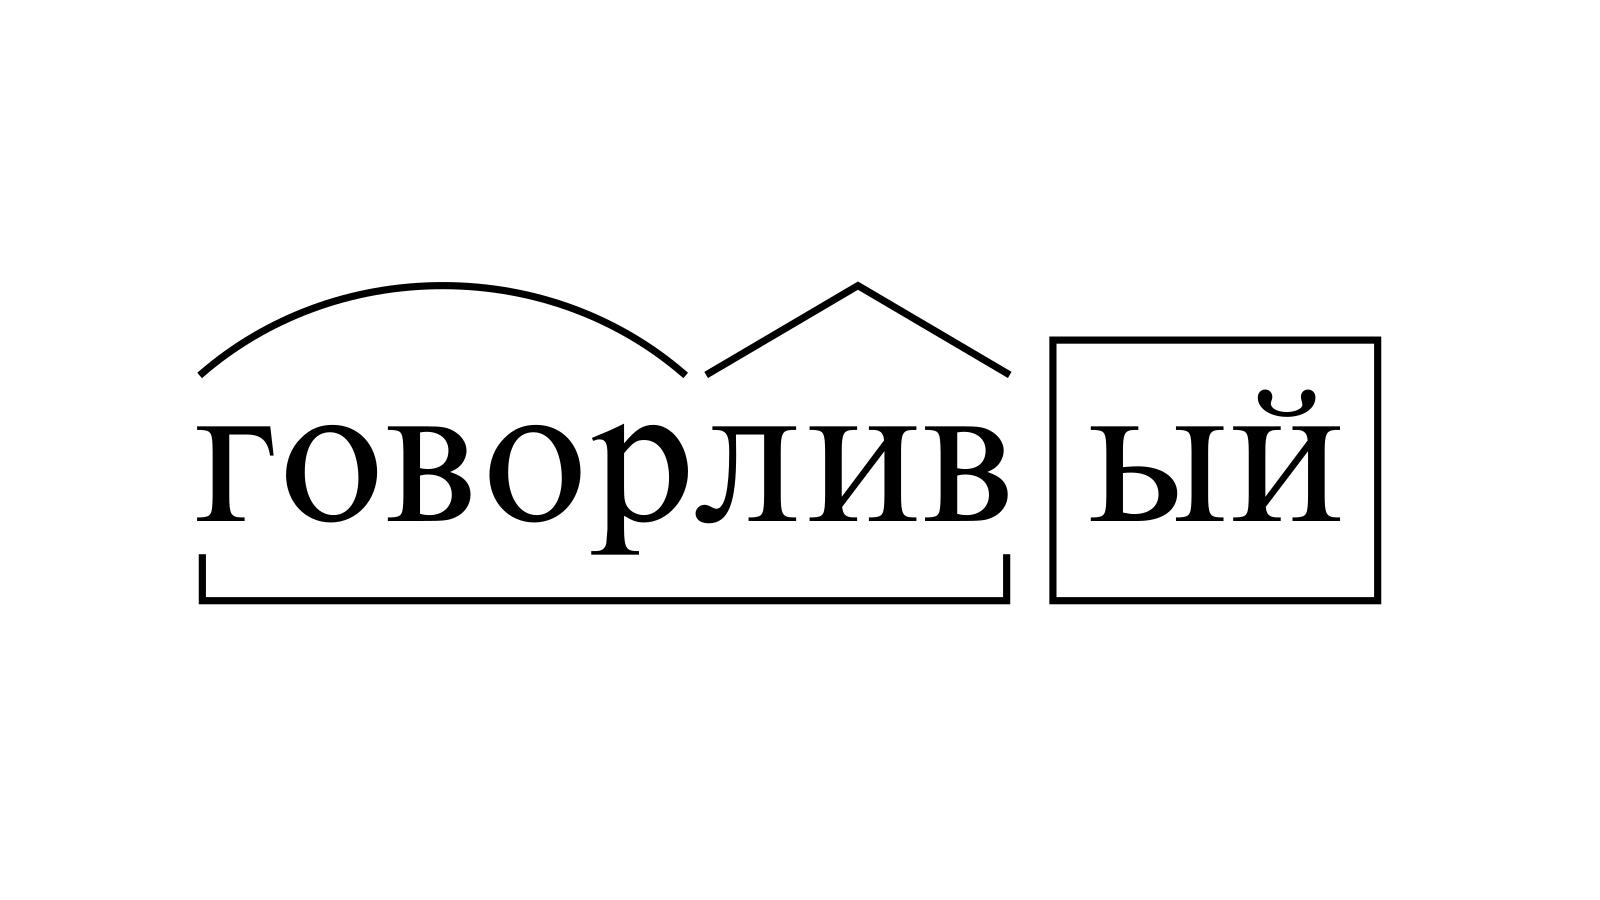 Разбор слова «говорливый» по составу